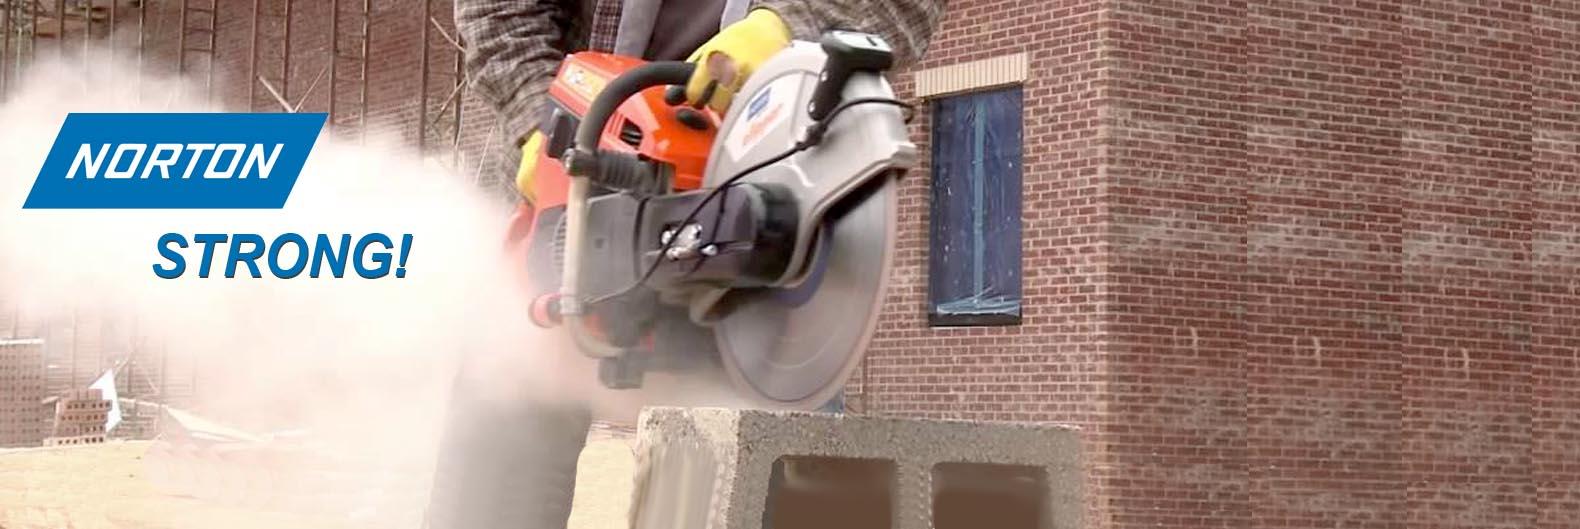 norton clipper saw parts tile concrete part rh nortonparts com